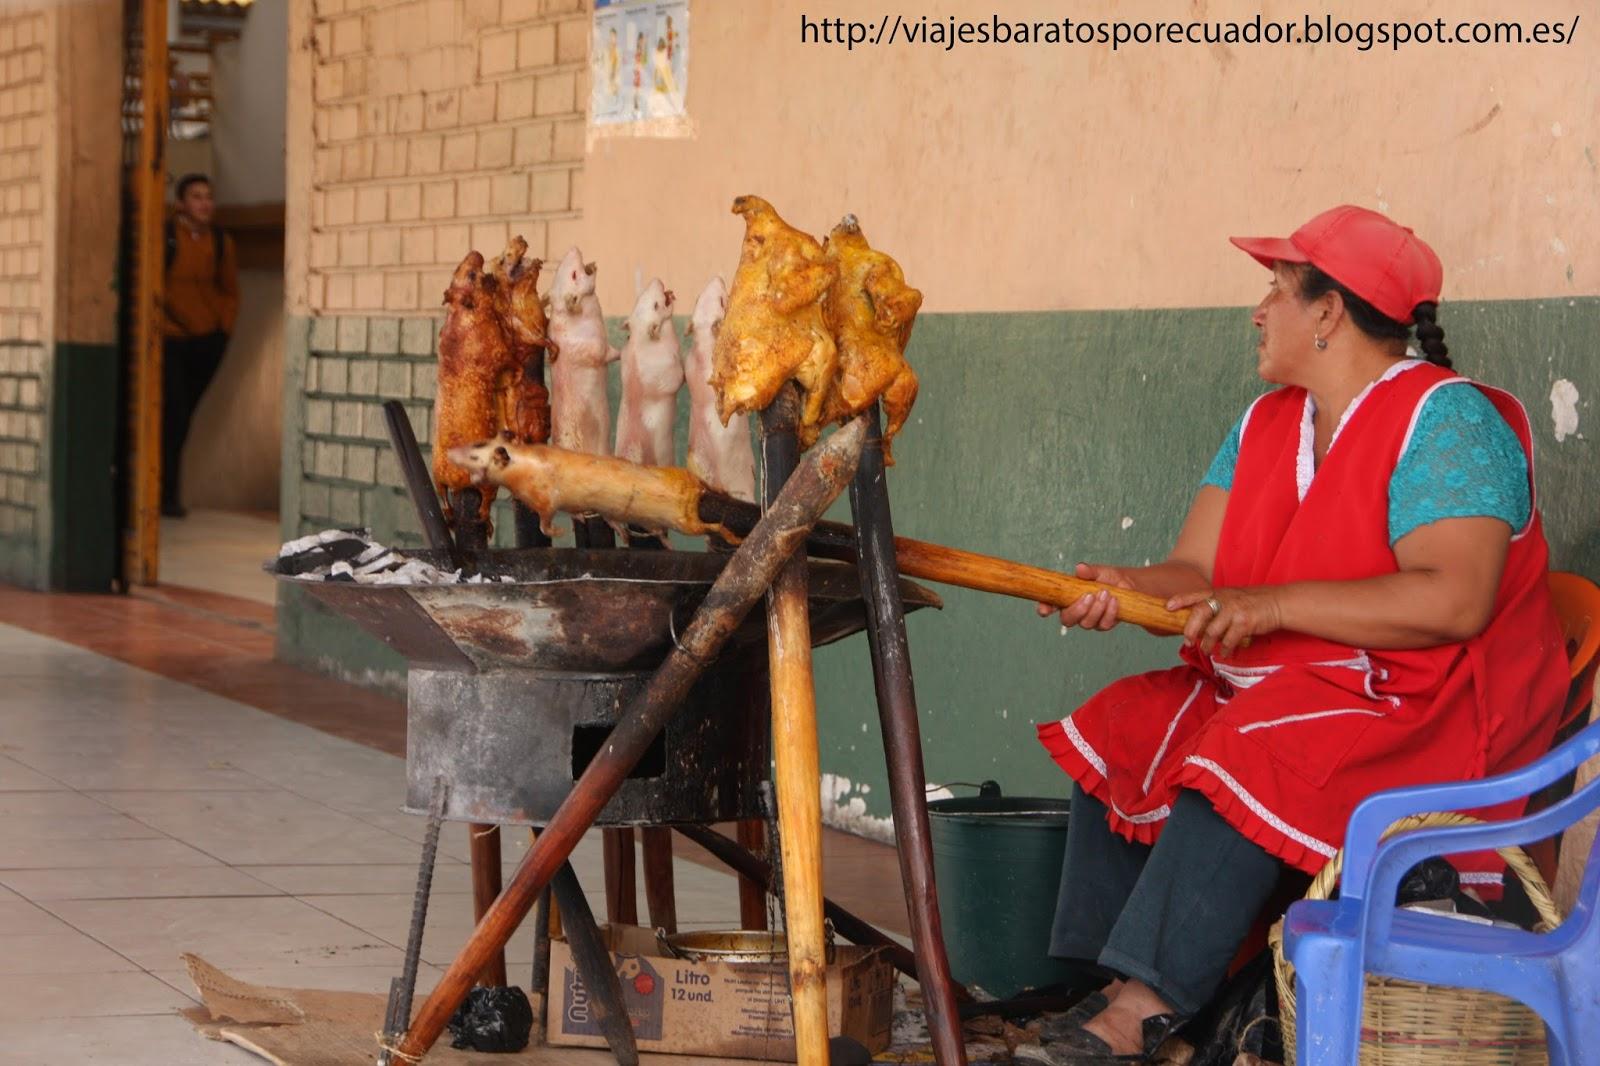 Mercado gualaceo cuenca